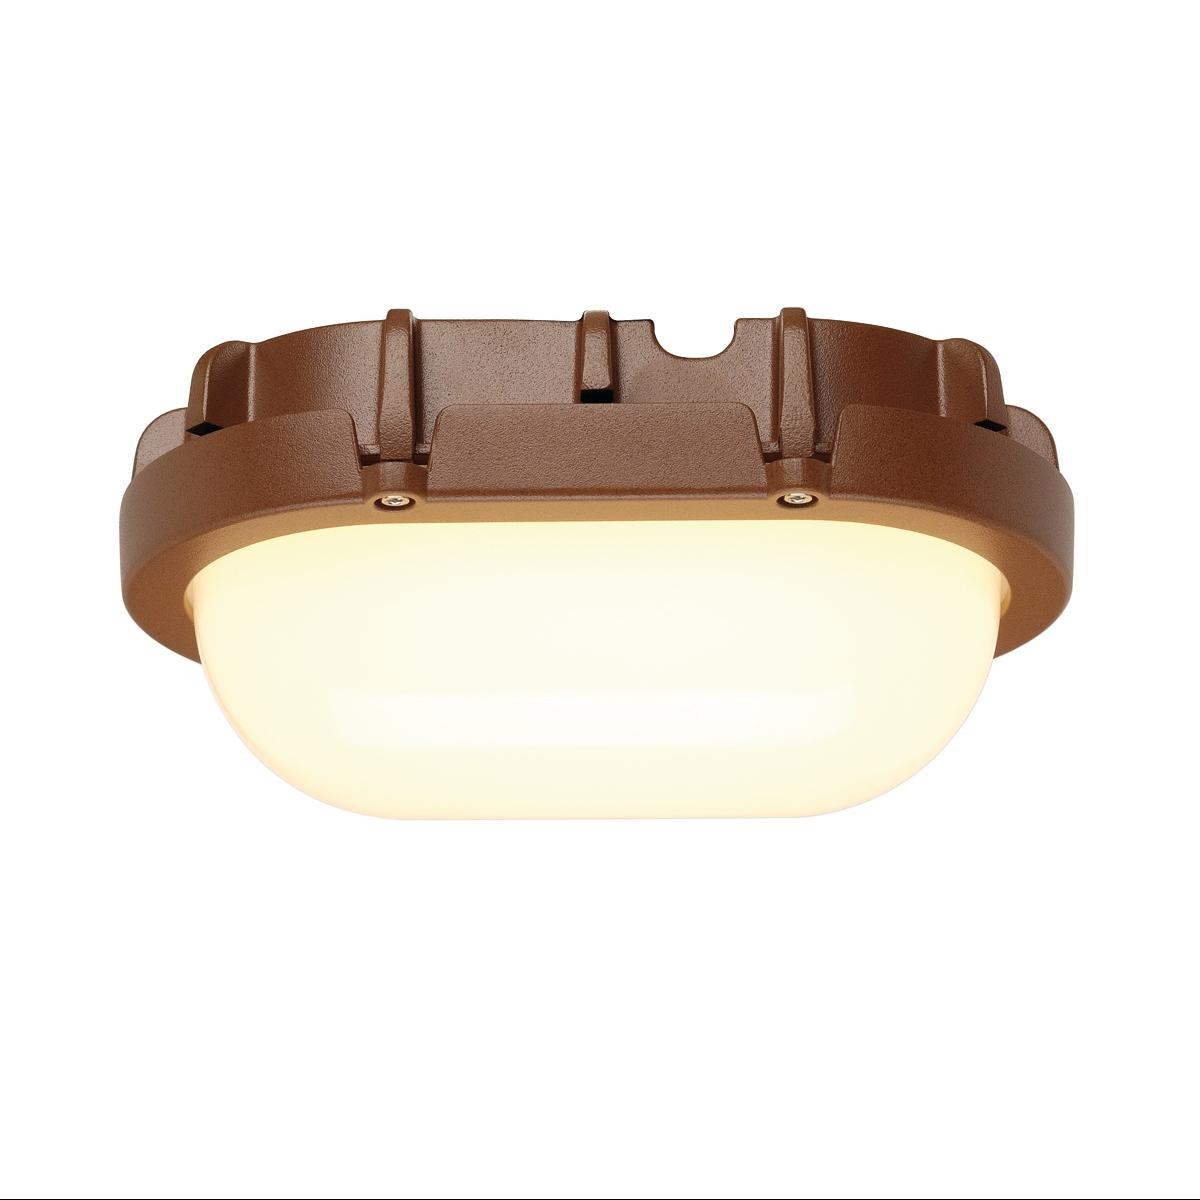 1 Stk TERANG Wand-& Deckenleuchte, 8W LED, 3000K, oval, rostfarben LI229927--